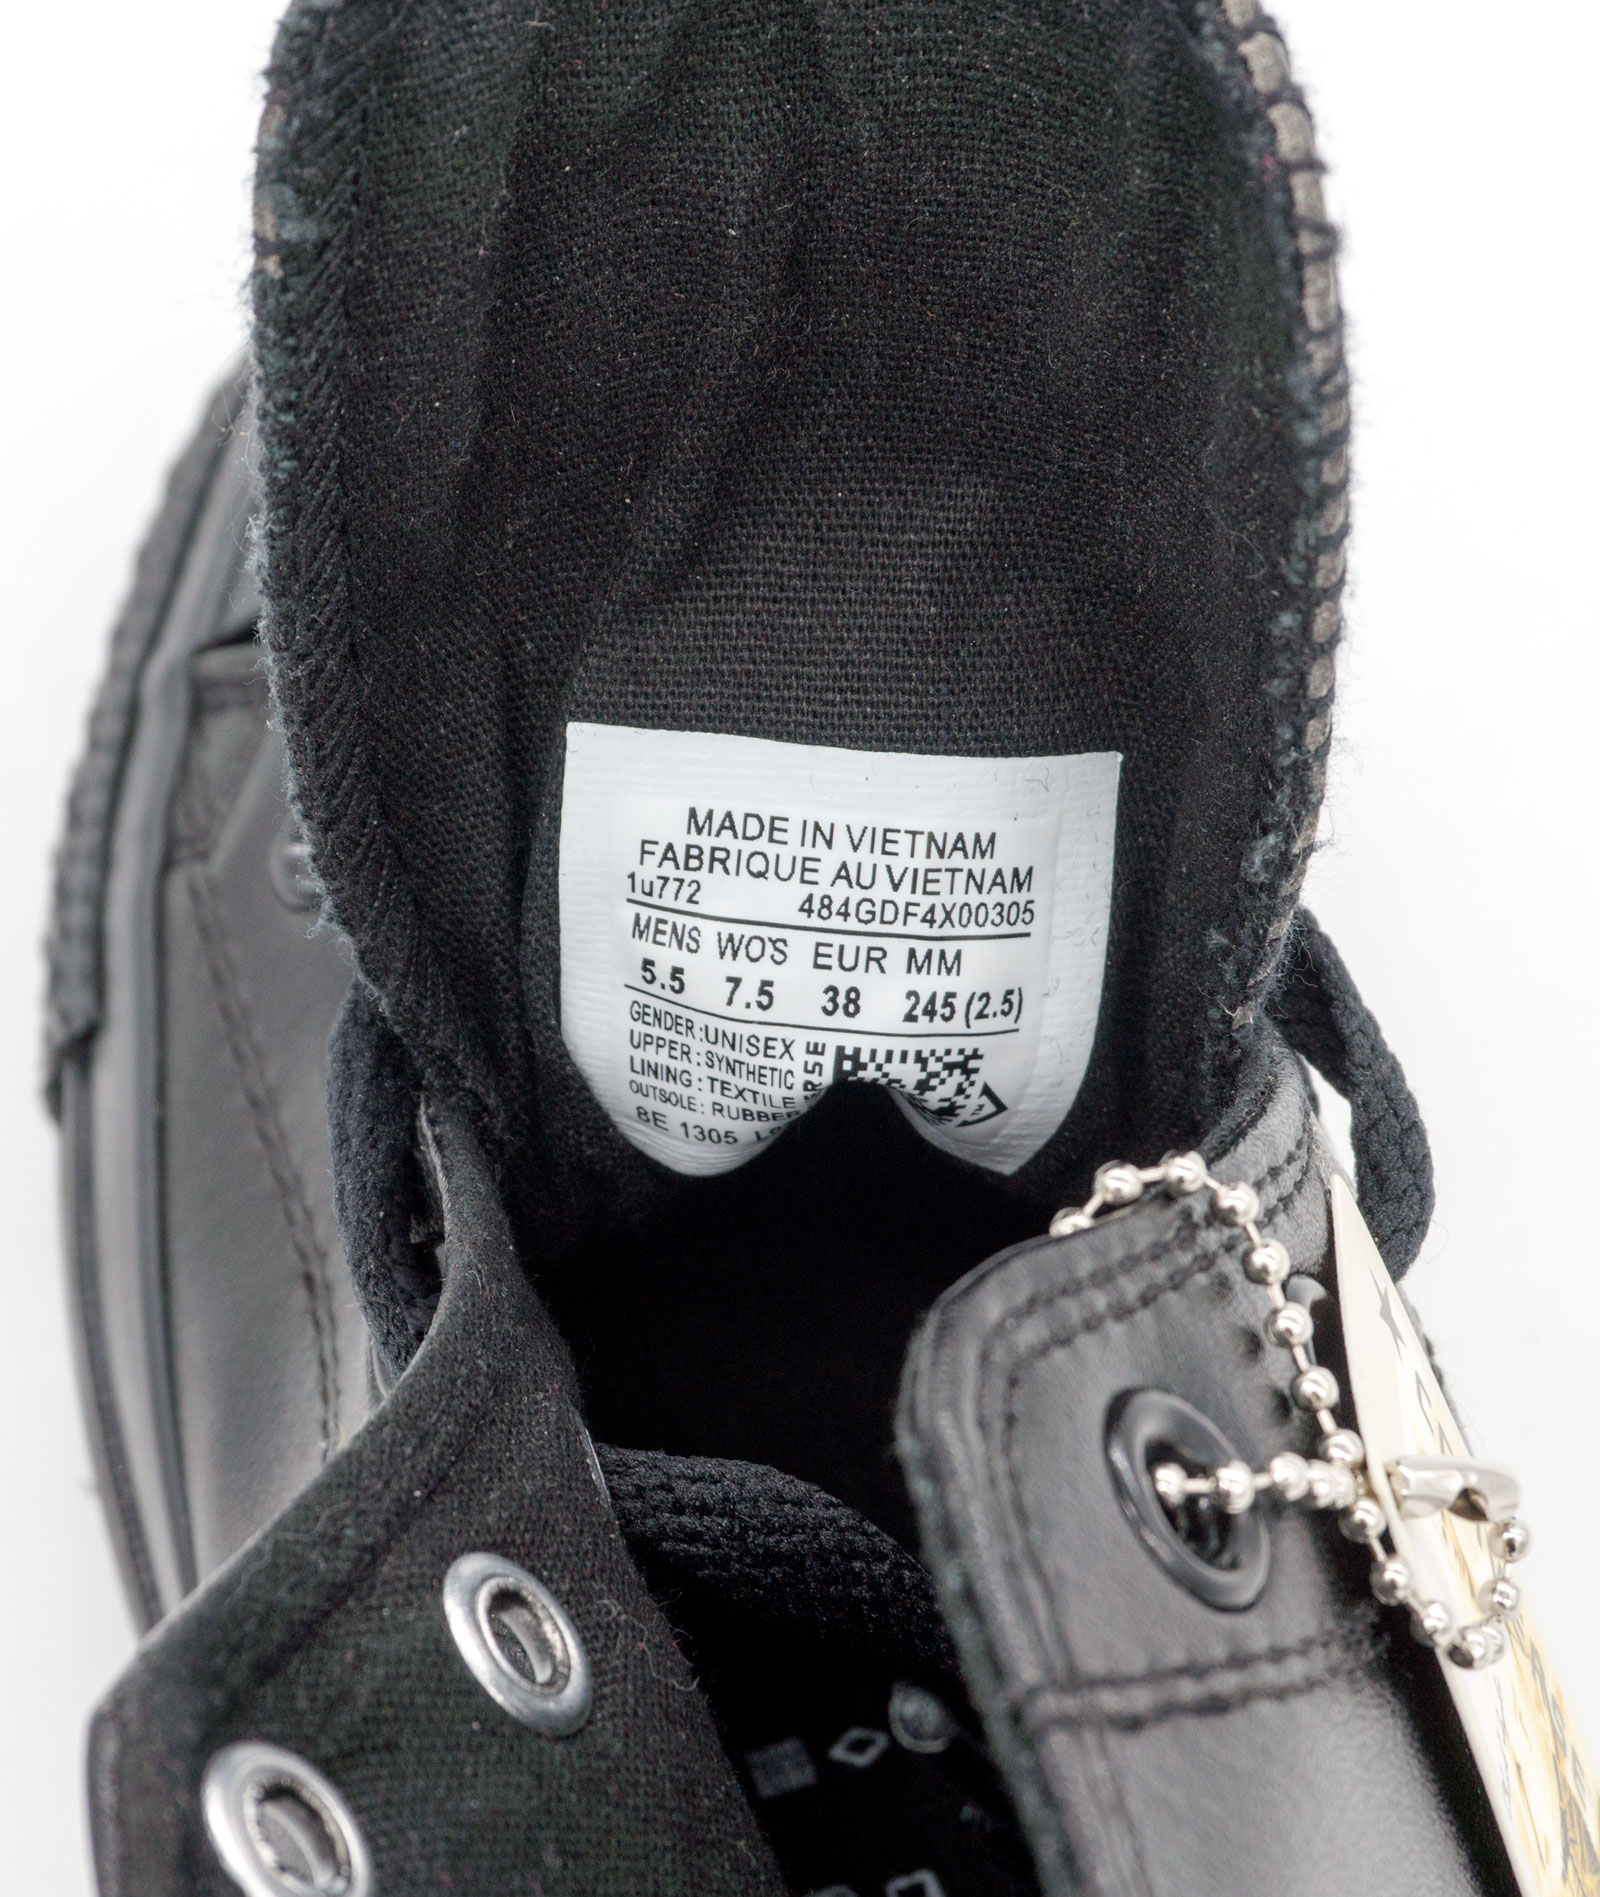 большое фото №6 Кеды Converse кожаные высокие полностью черные